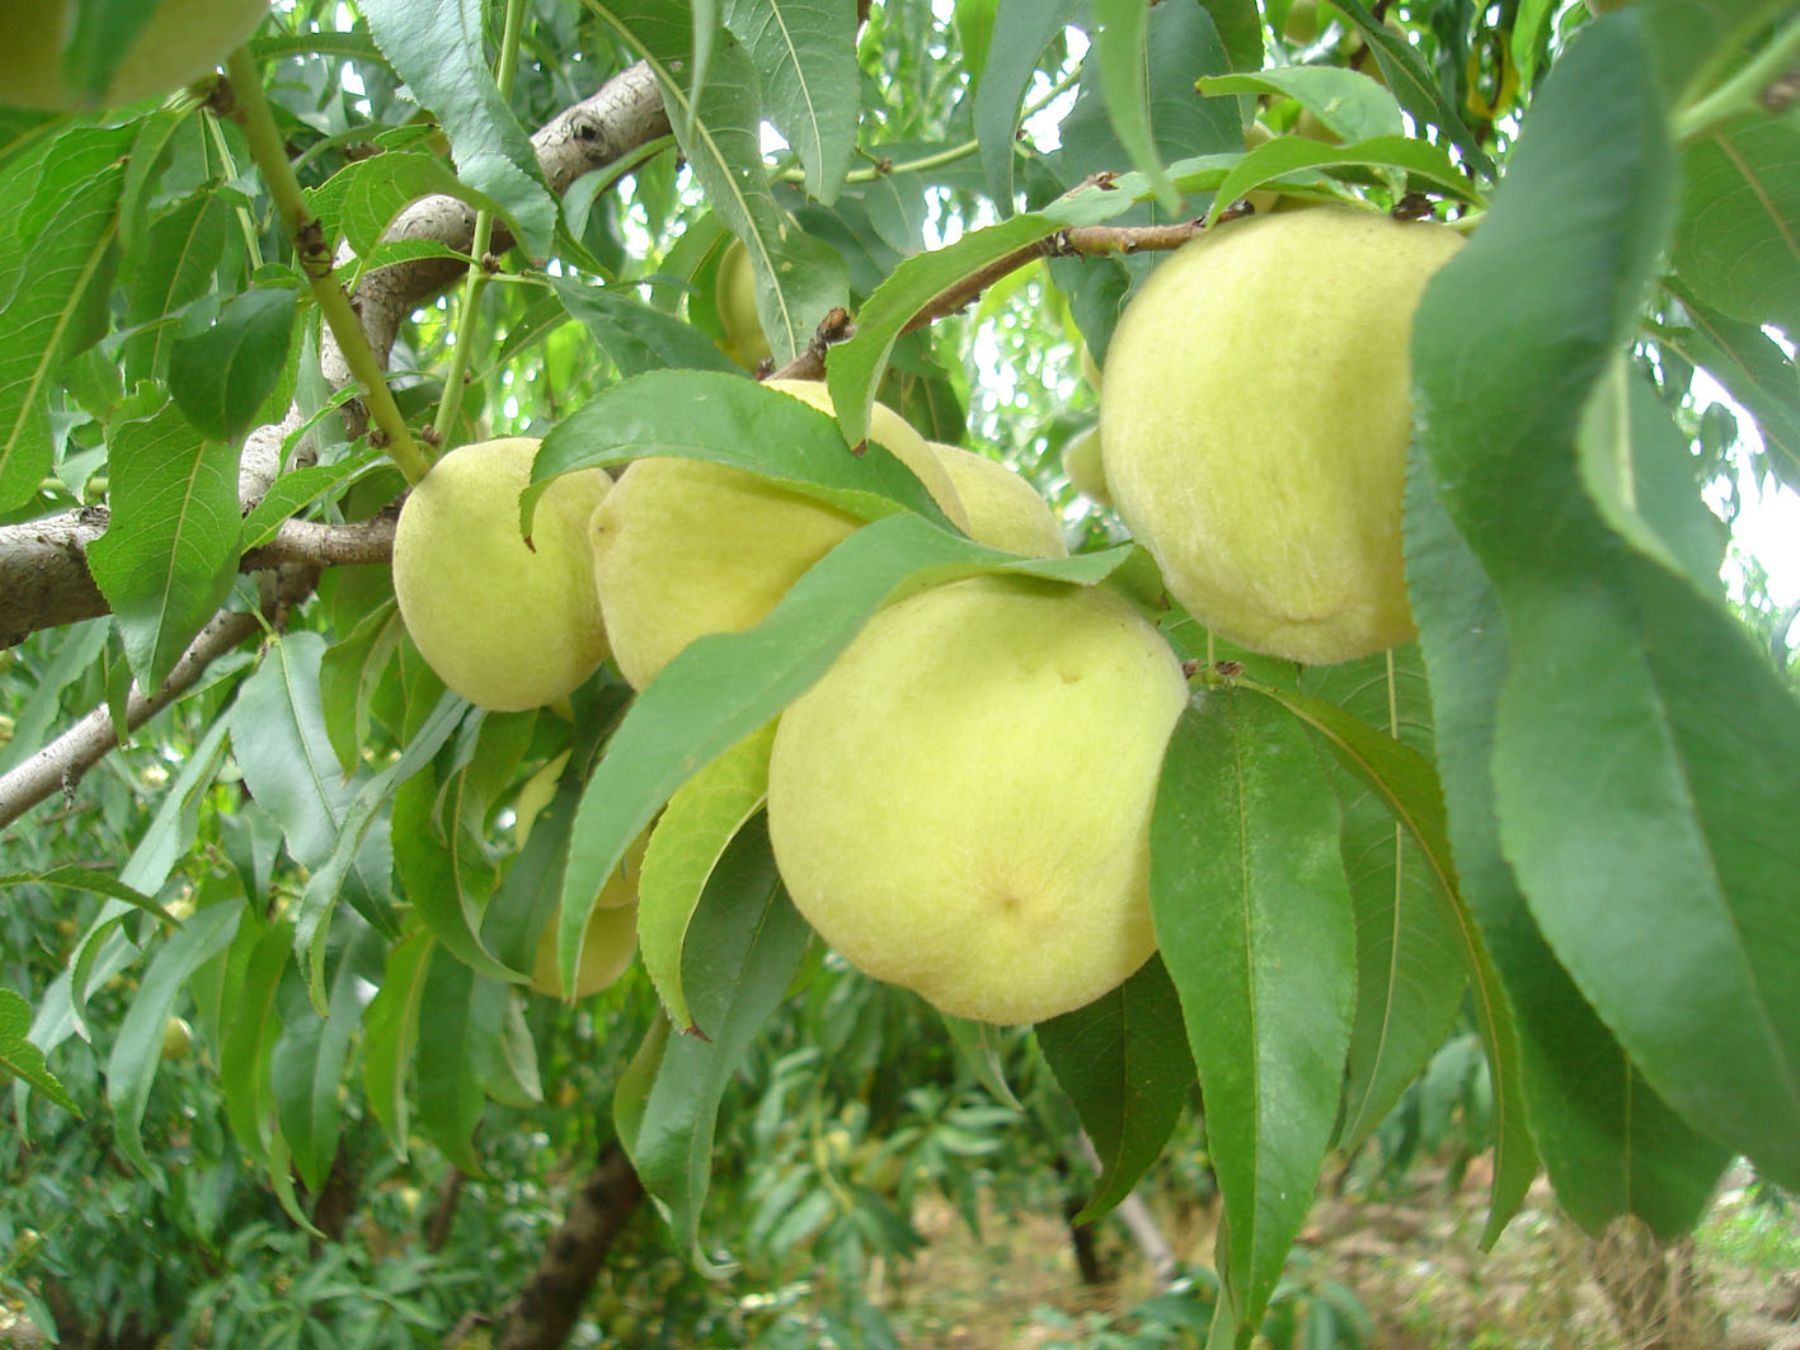 Productores buscan diversificar su producción agrícola con el durazno. ANDINA/Difusión